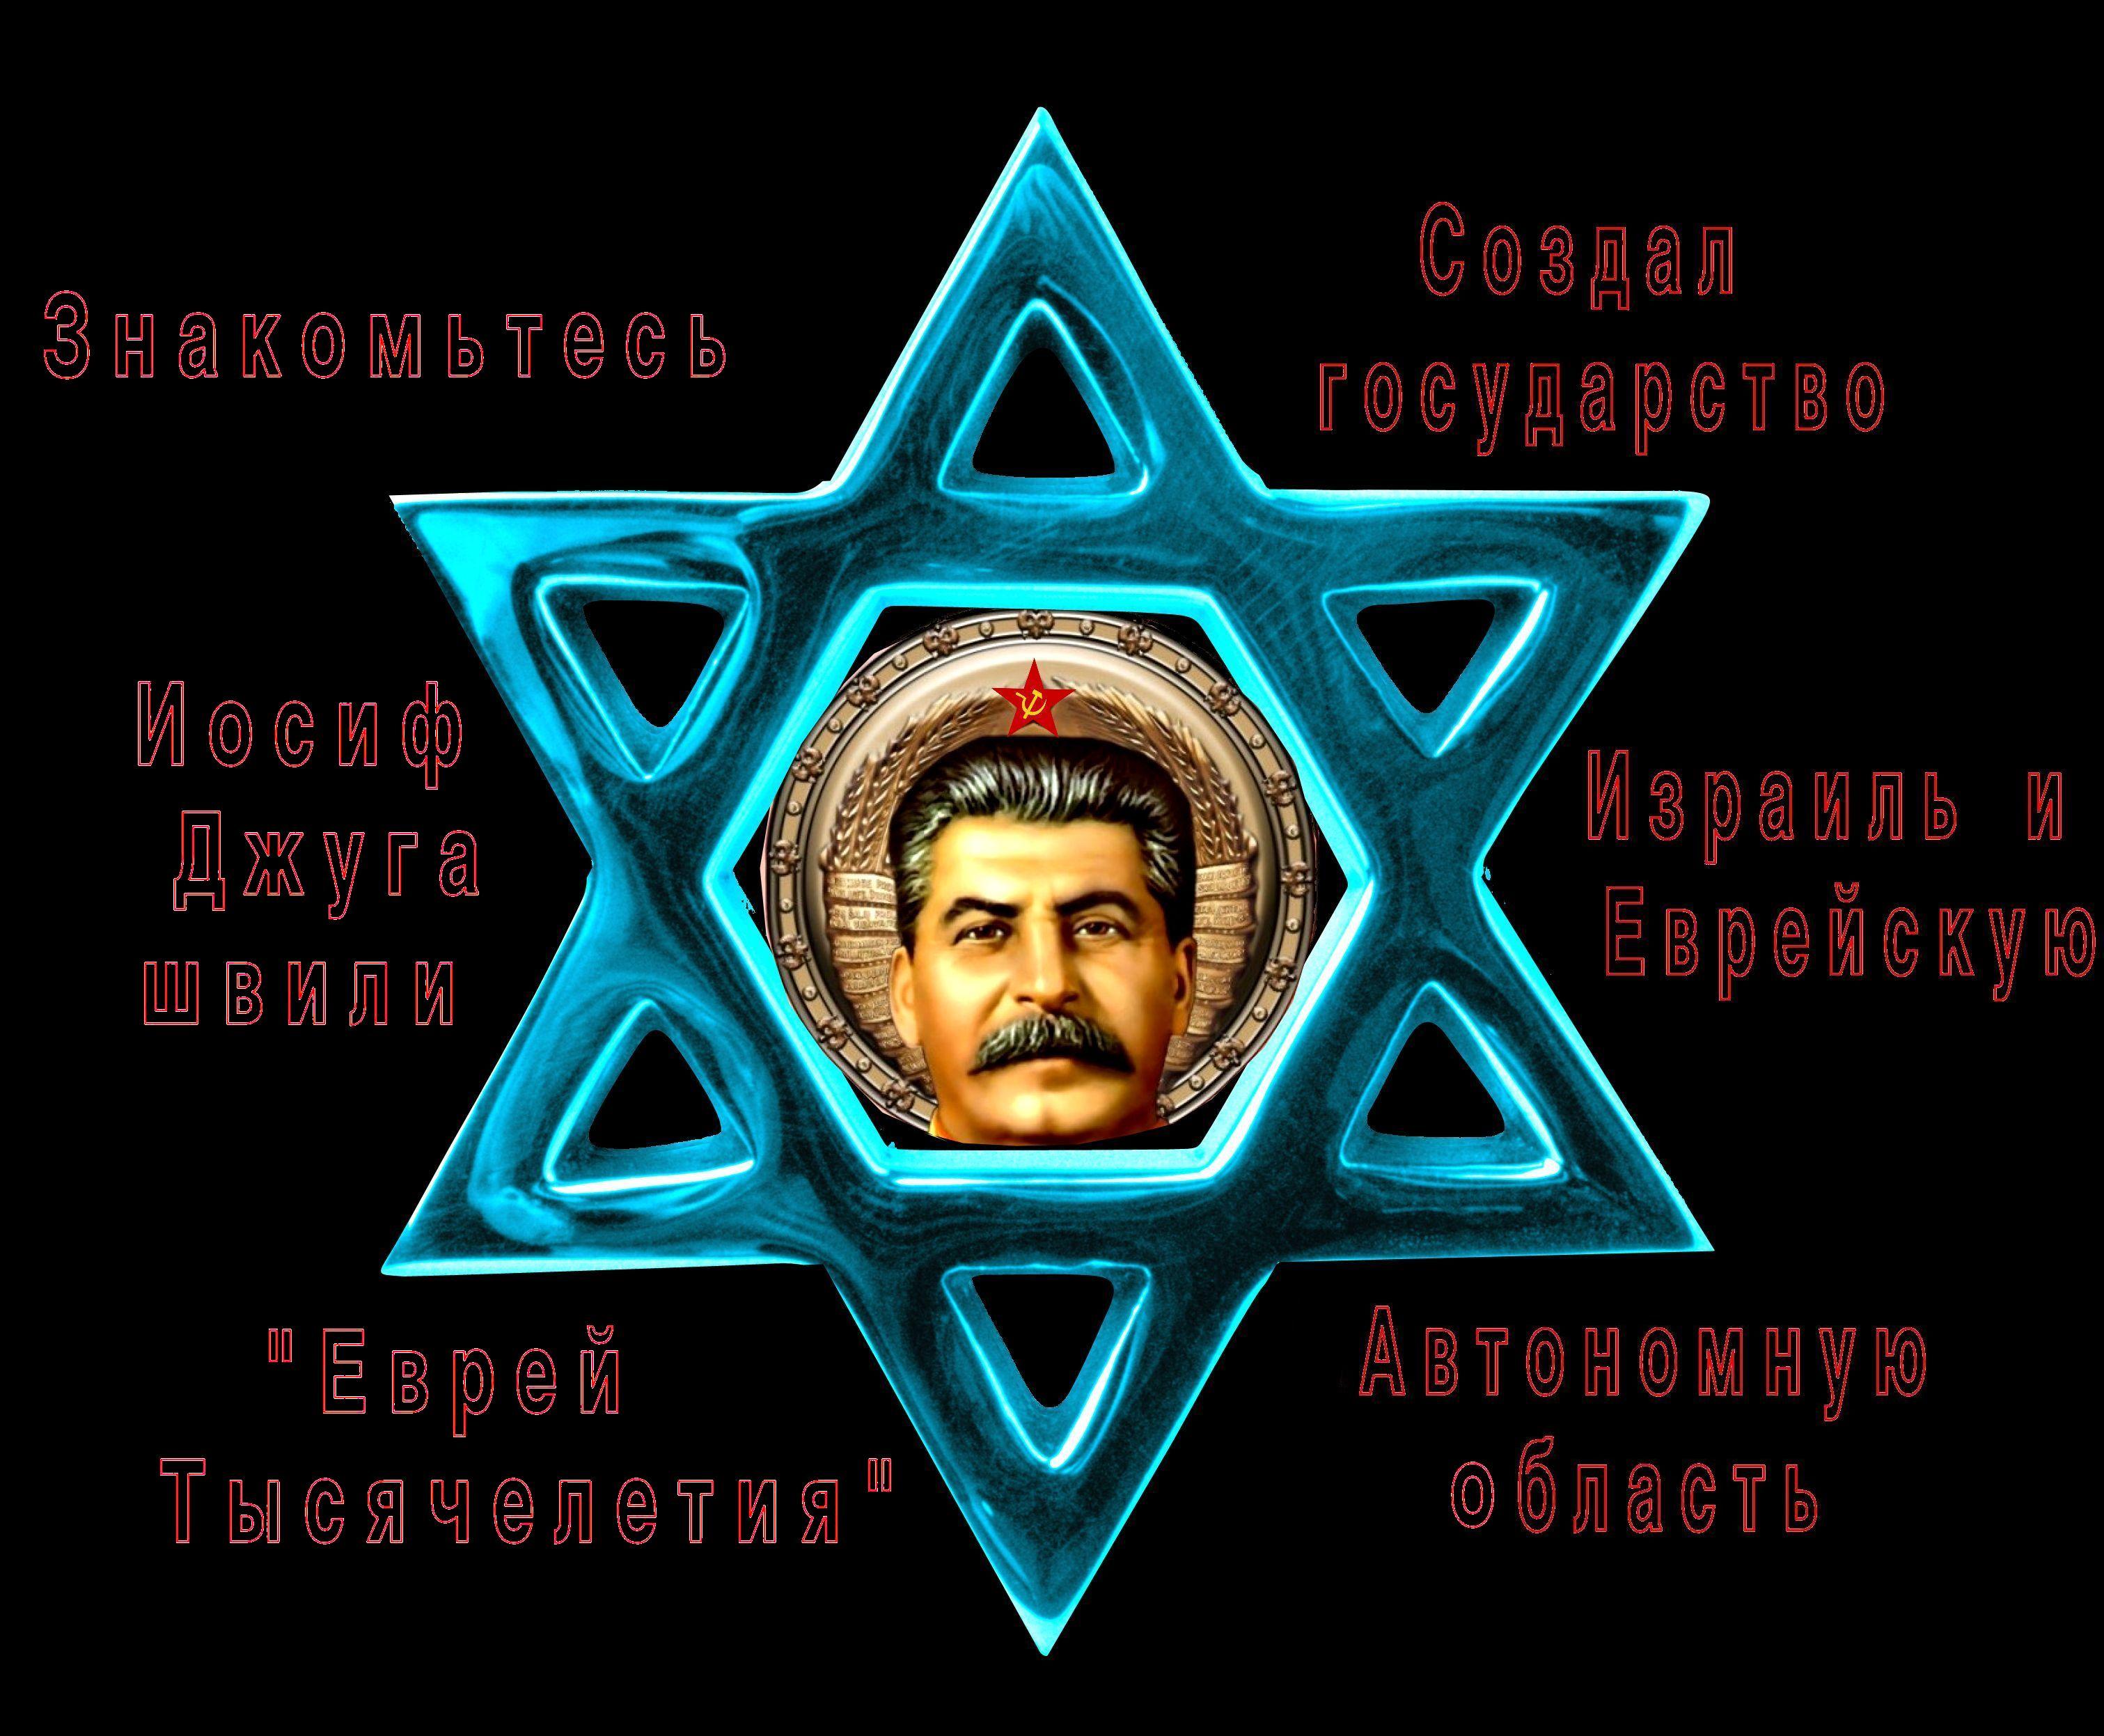 Так, к сведению, для тех православных сталинистов-мазохистов у которых на божничке стоит икона товарища Сталина рядом с иконой Государя Николая II.